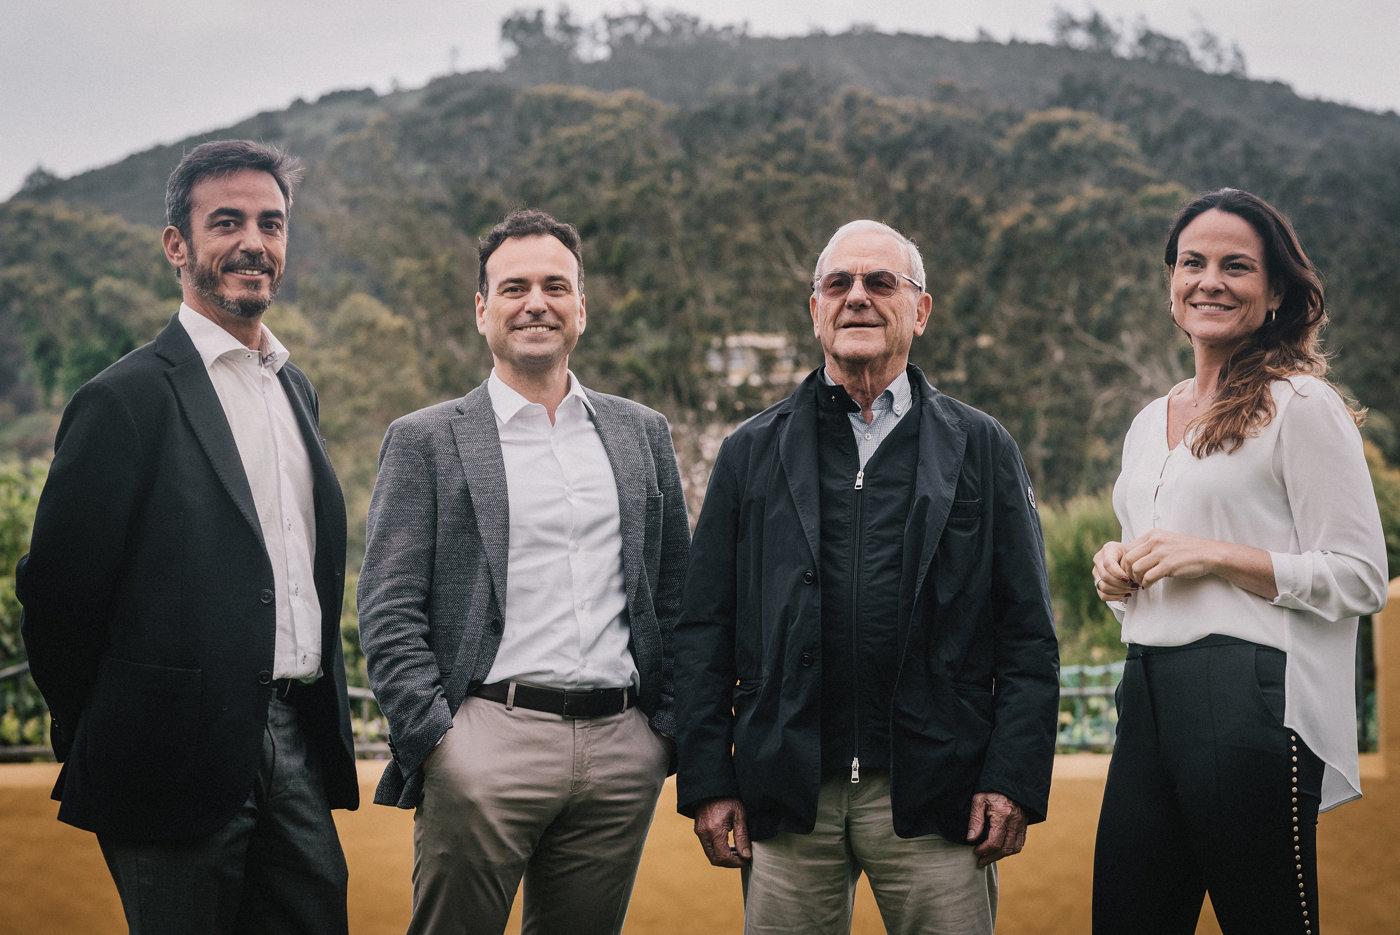 Tras un 2018 de fuerte expansión internacional, Montesano Extremadura aborda en 2019 su consolidación definitiva en la alta gastronomía